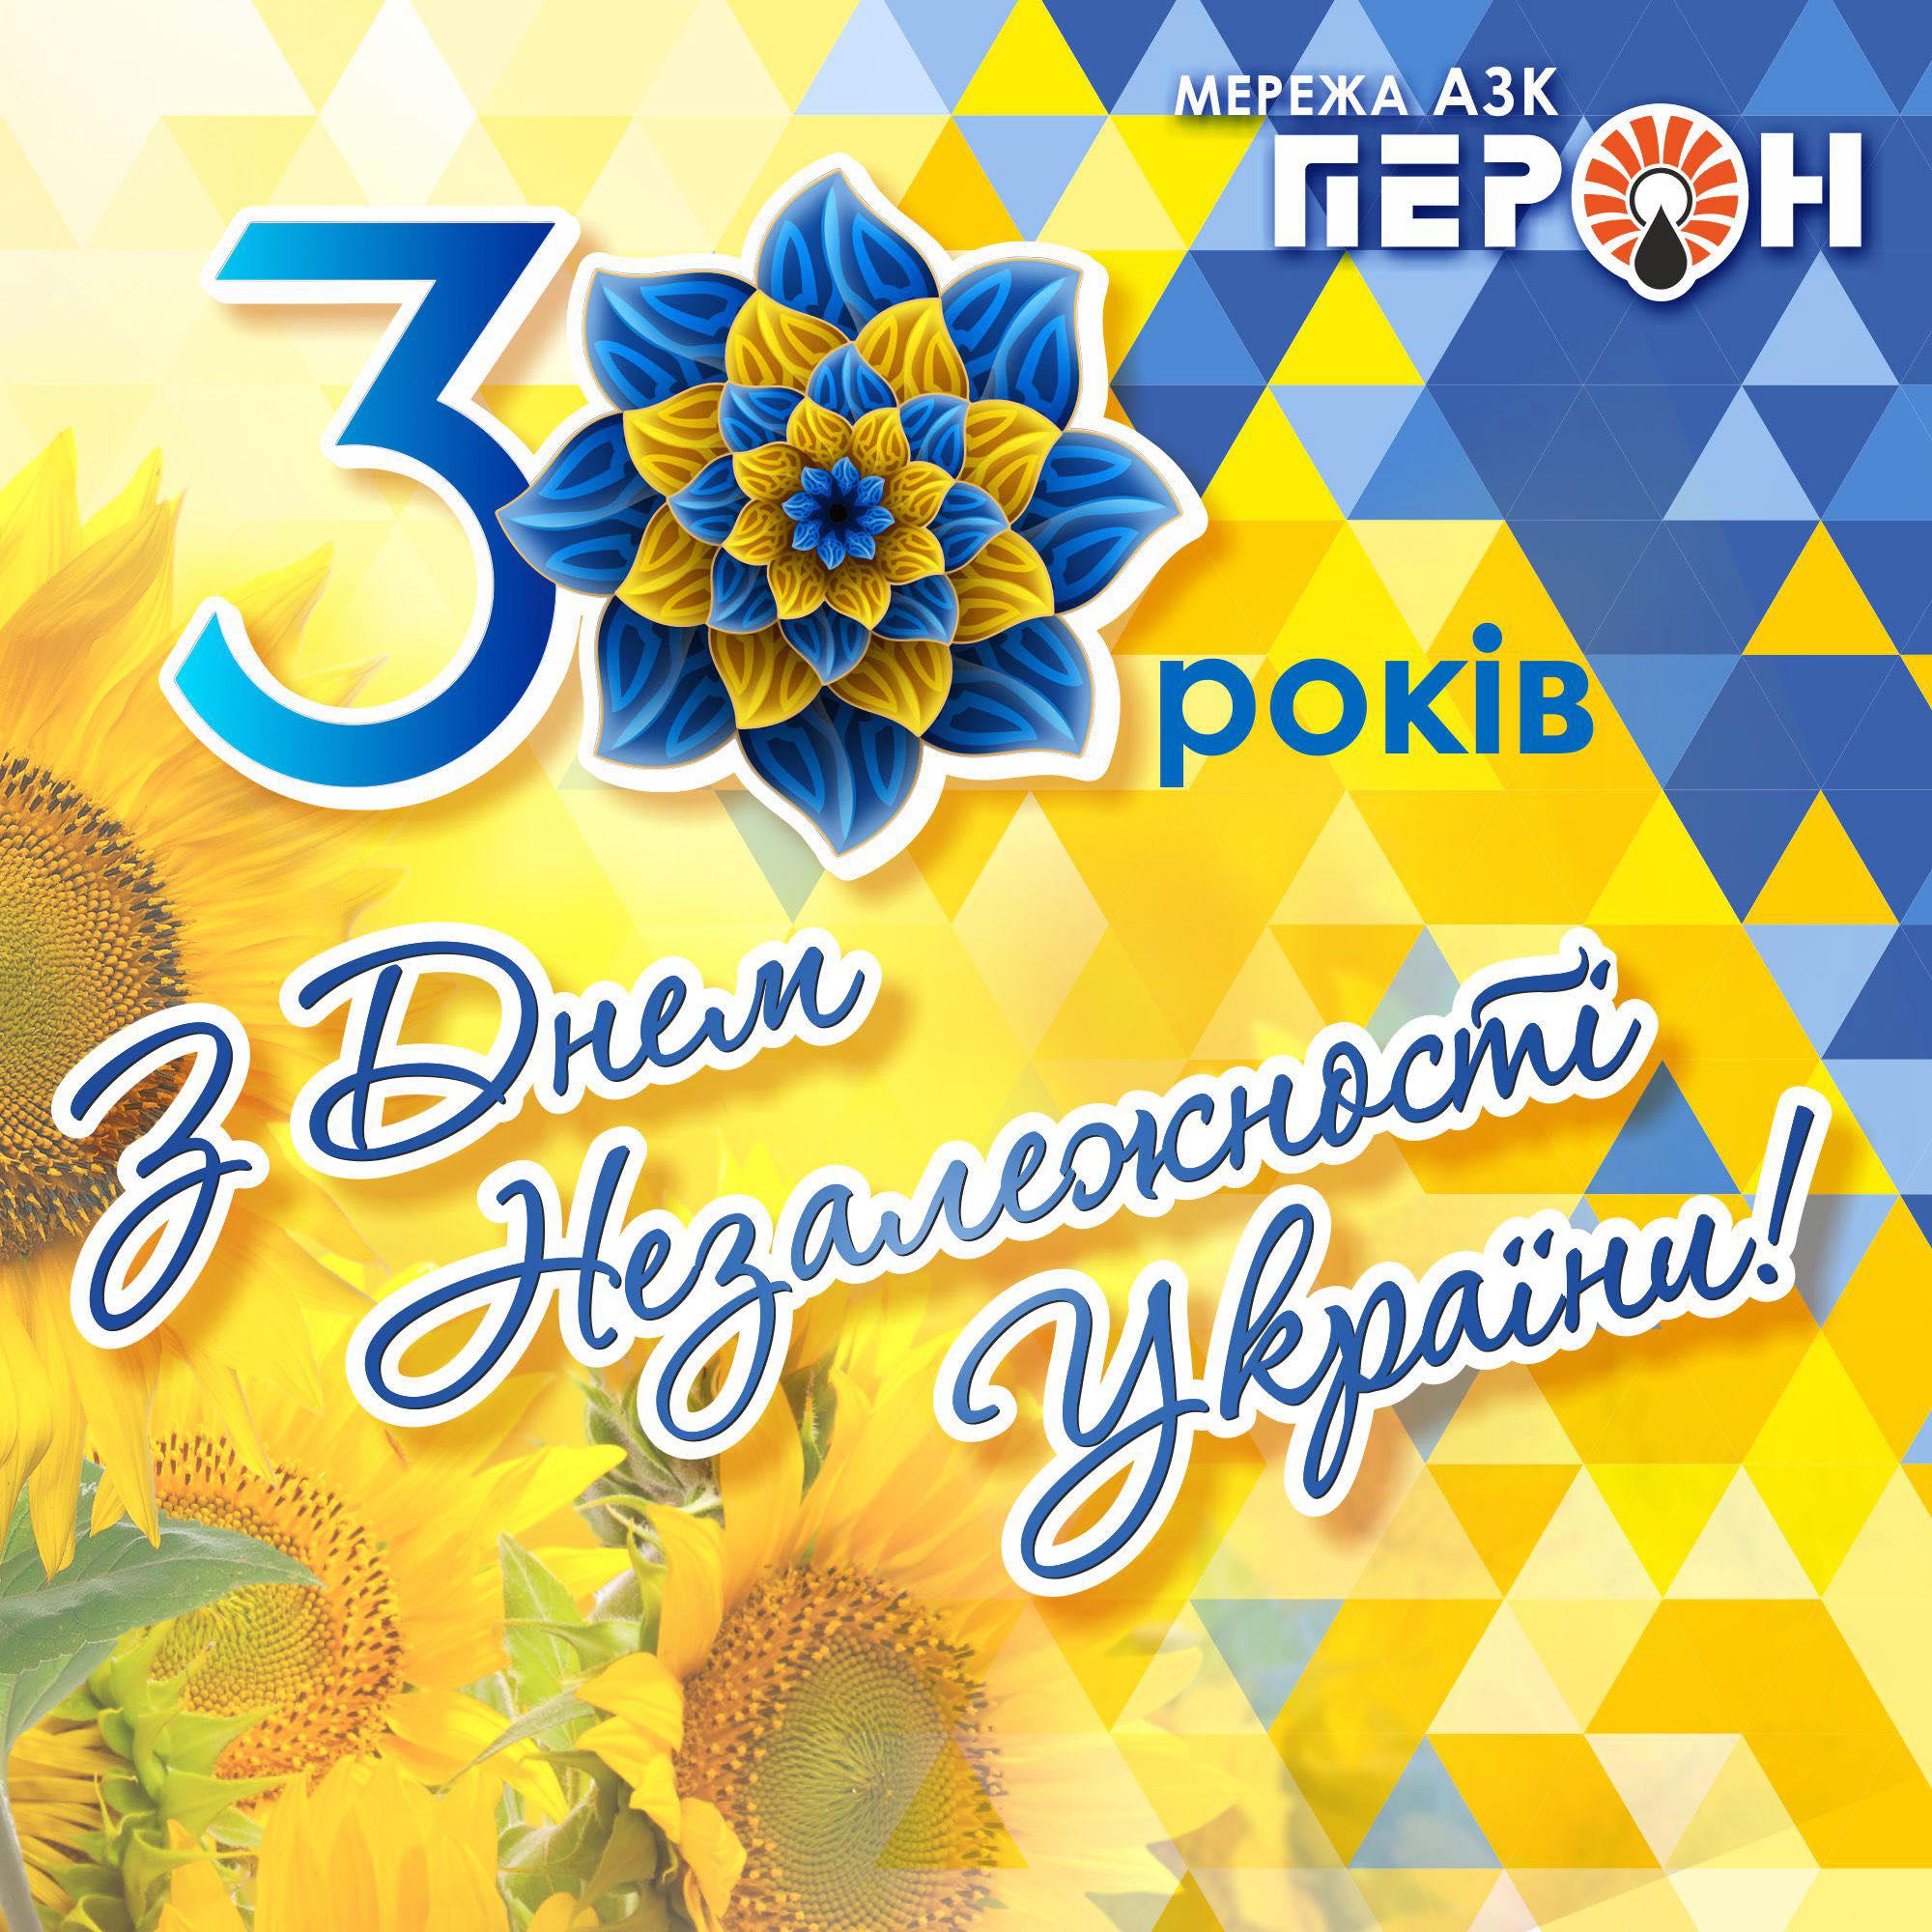 Колектив АЗК «ПЕРОН» щиро вітає Вас з головним державним святом України – Днем незалежності!